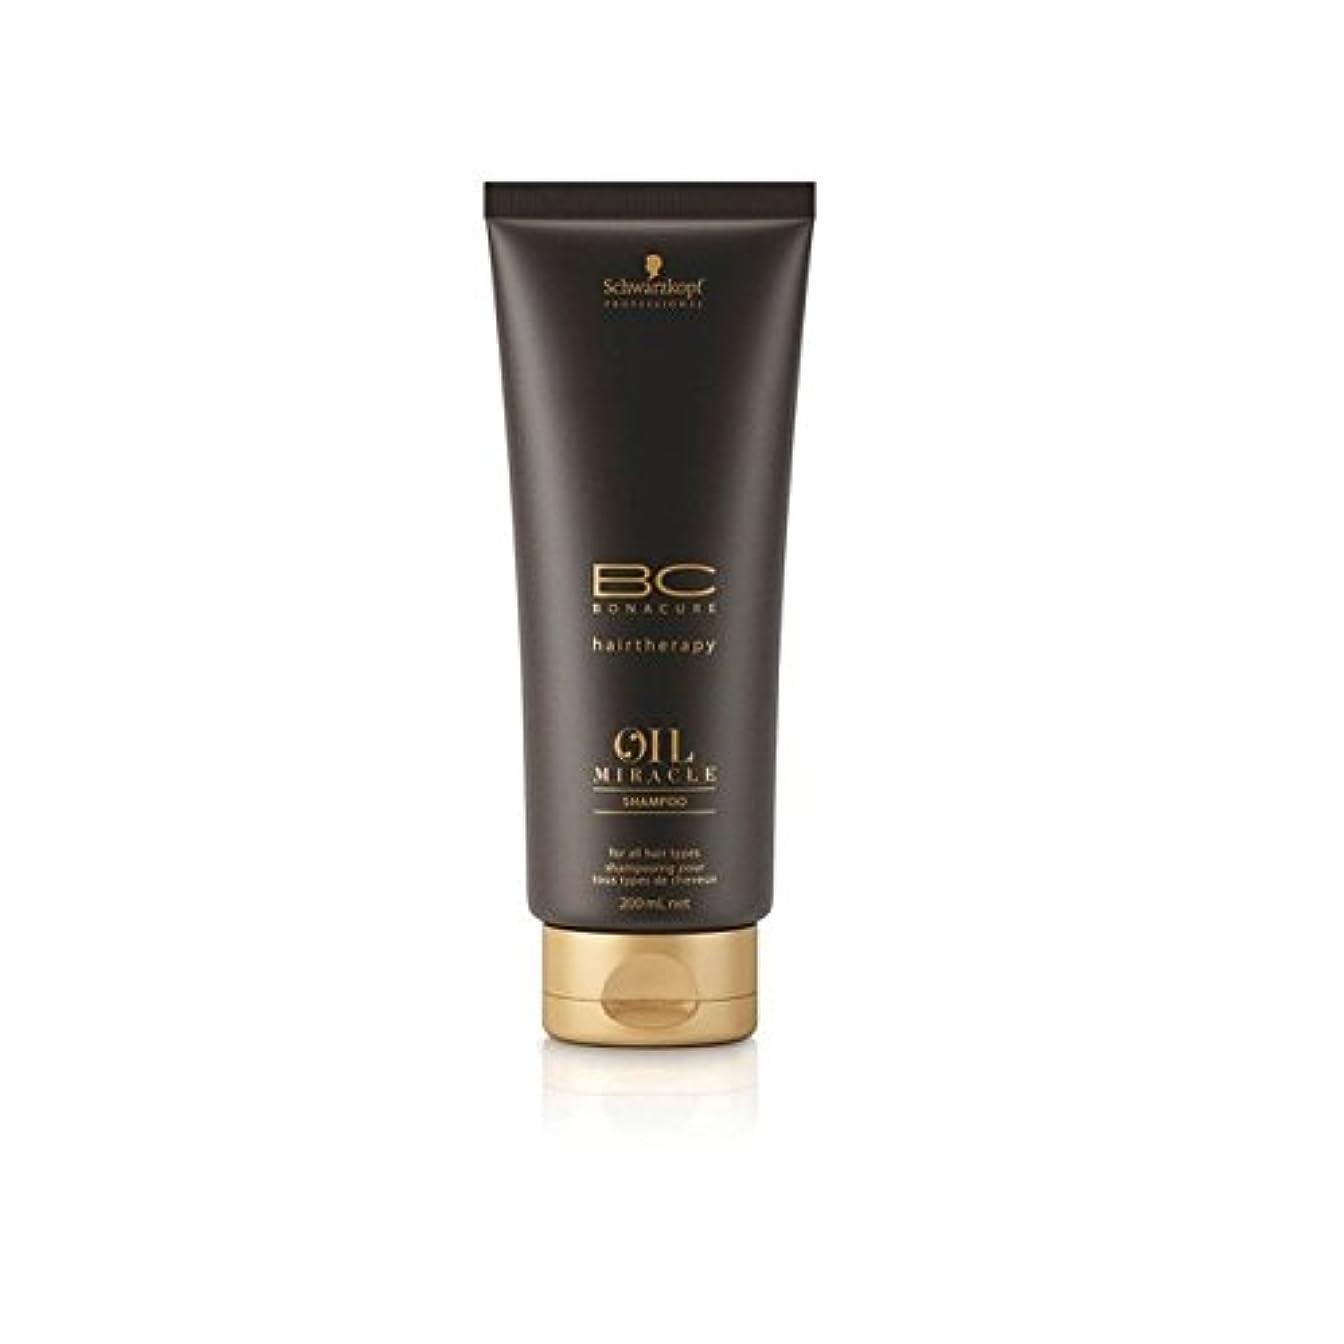 一部華氏講堂Schwarzkopf Bc Oil Miracle Shampoo (200ml) (Pack of 6) - オイルの奇跡シャンプーシュワルツコフ(200ミリリットル) x6 [並行輸入品]